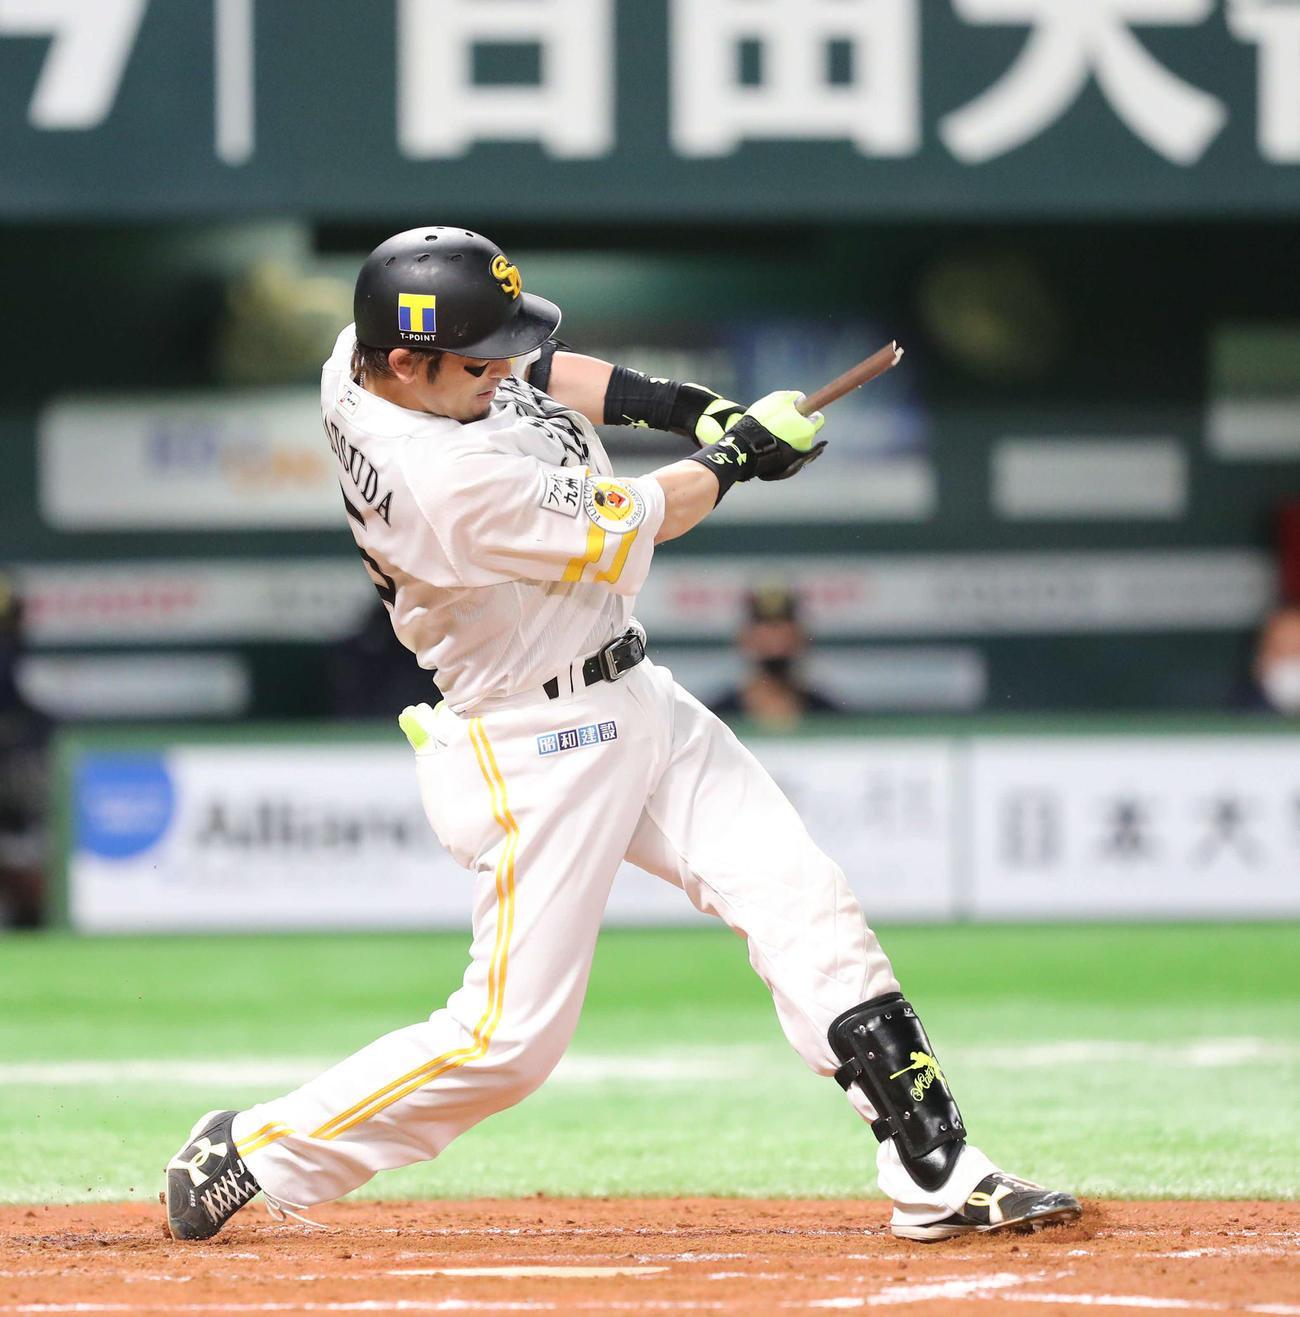 ソフトバンク対オリックス 2回裏ソフトバンク2死二塁、松田宣は中前に先制適時打を放つ(撮影・梅根麻紀)